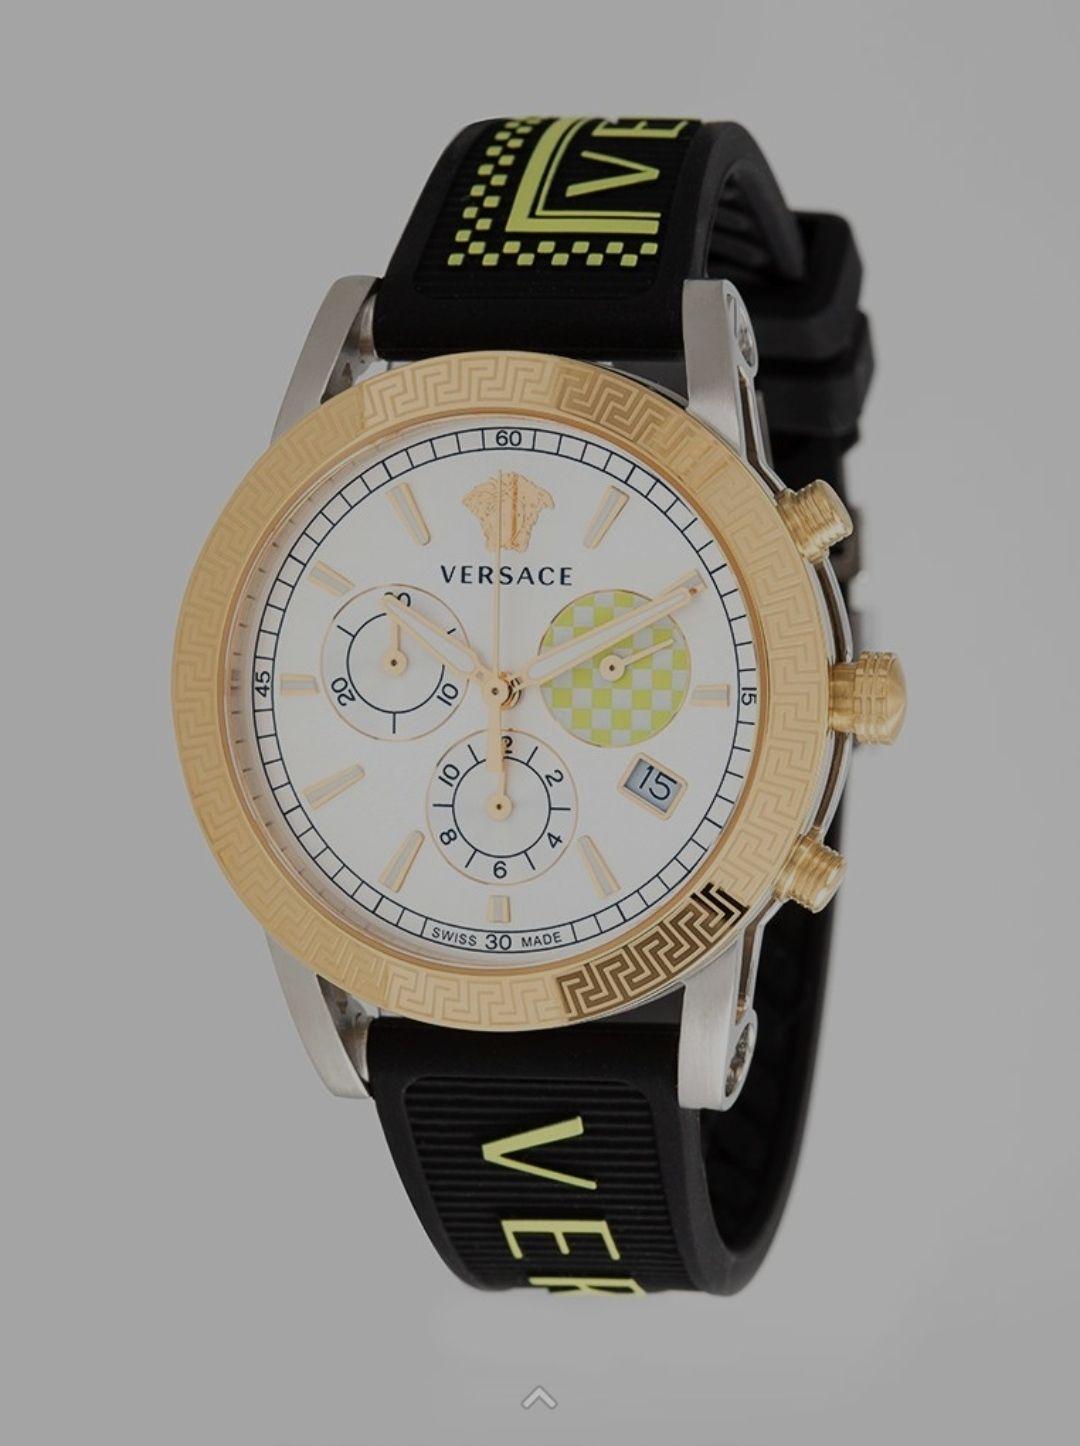 Reloj Versace rebajadisimo